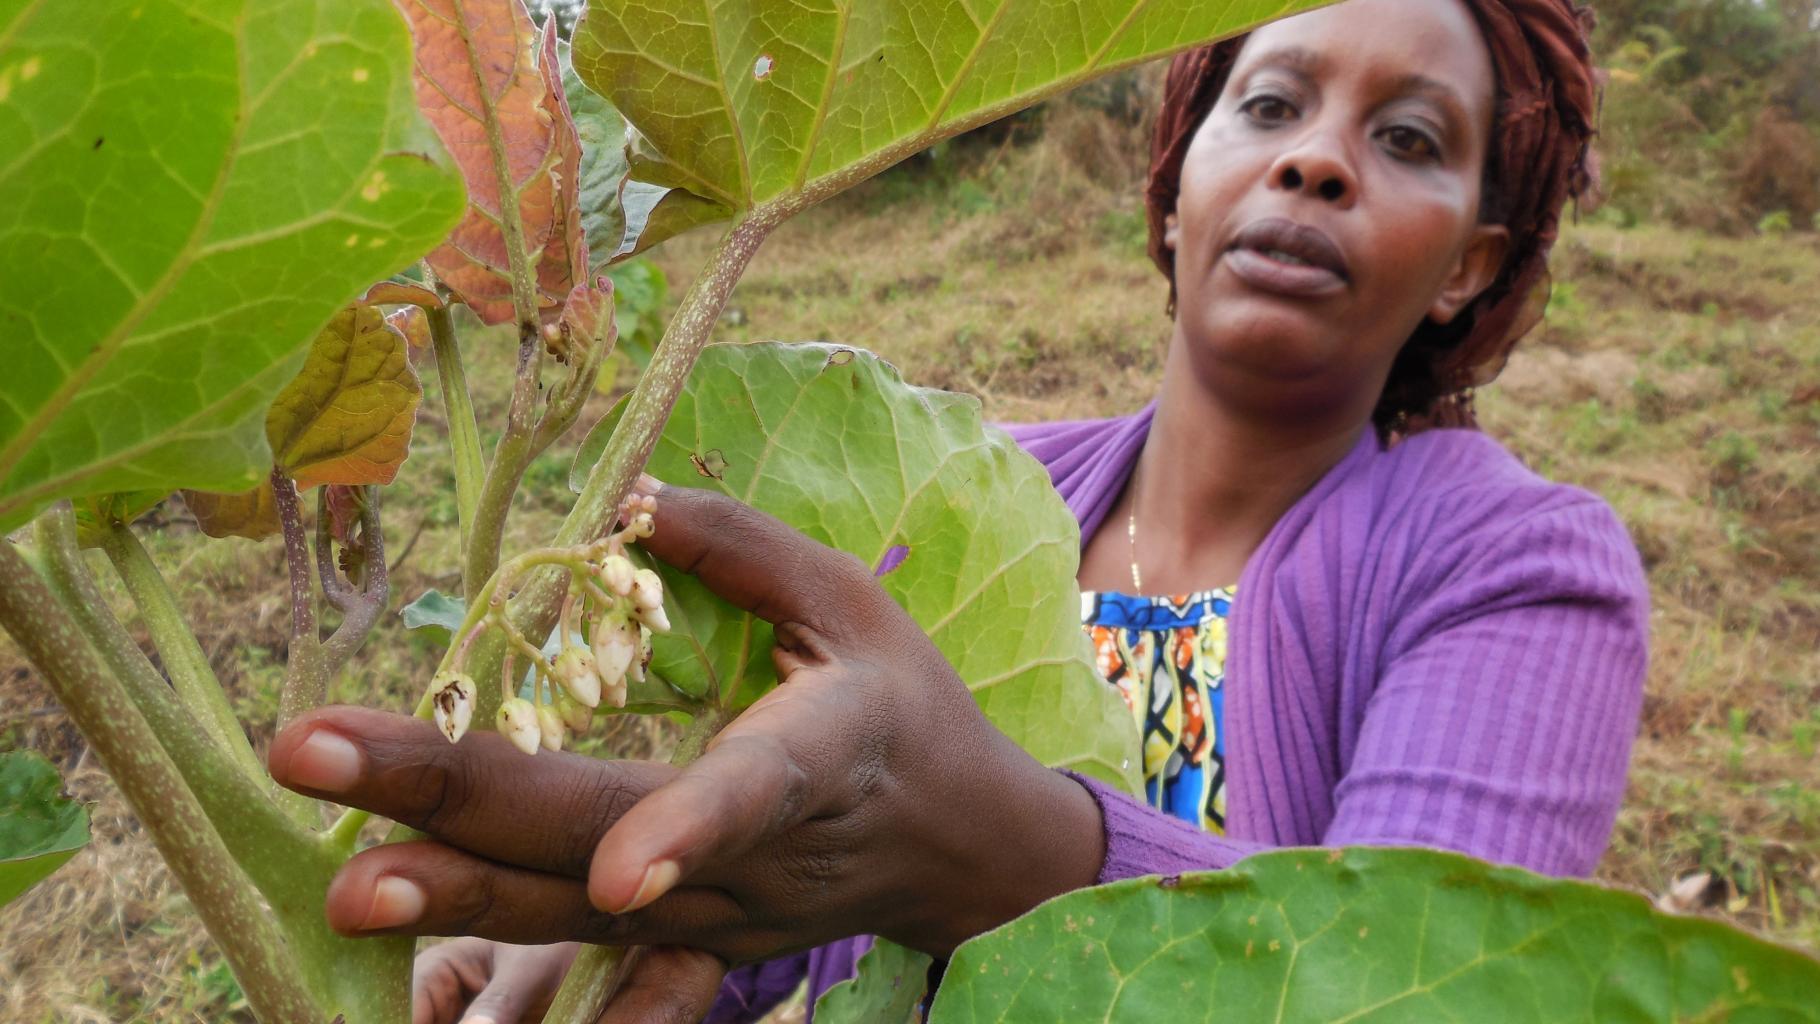 EIne Frau aus Itombwe schaut sich die Blüten an einem Tamarillo-Obstbaum an.